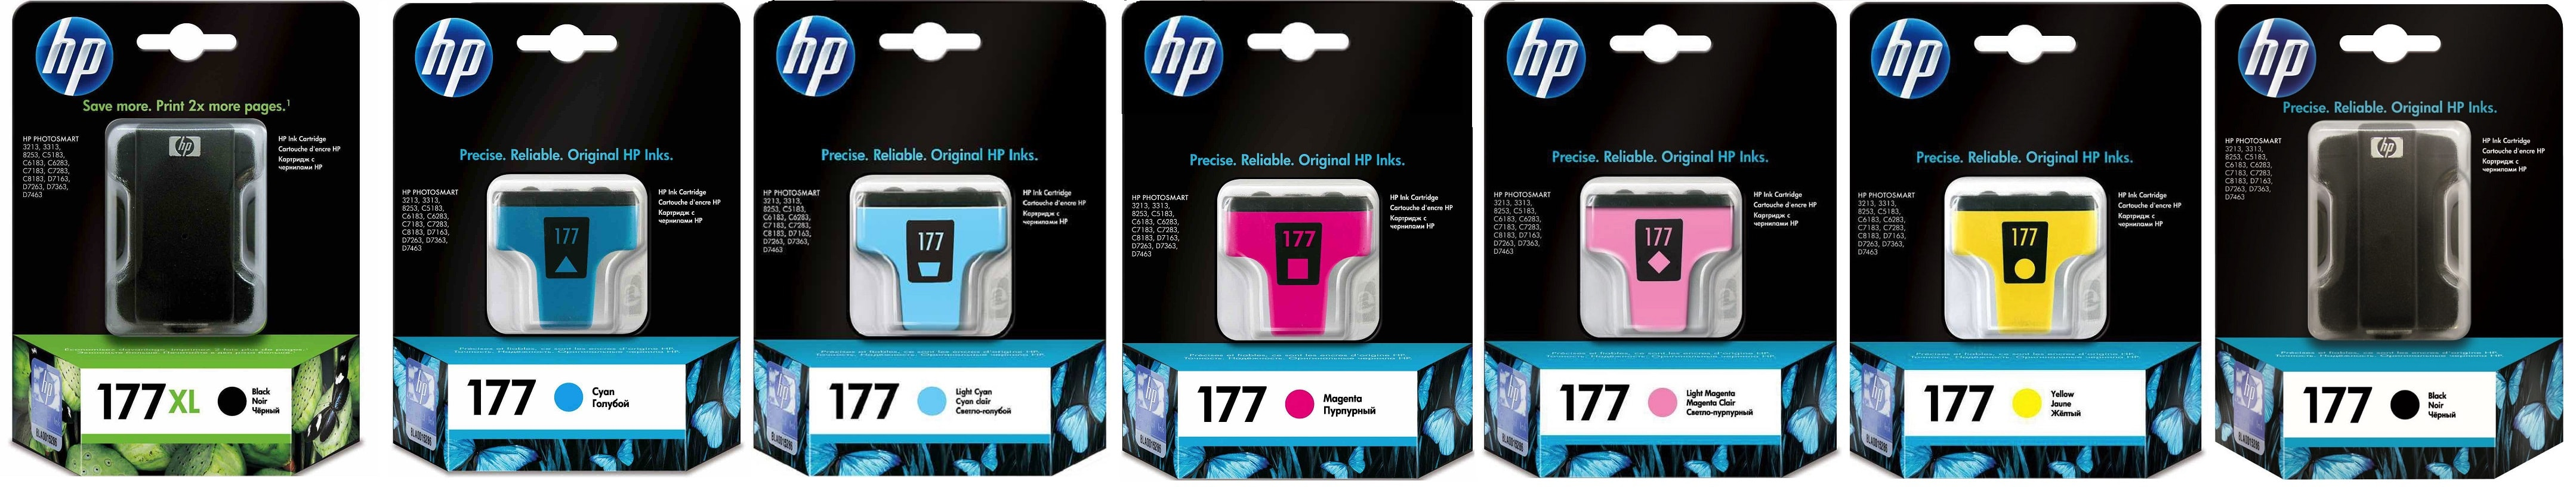 Картриджи hp 177 для HP Photosmart C6183. Купить комплект оригинальных картриджей.